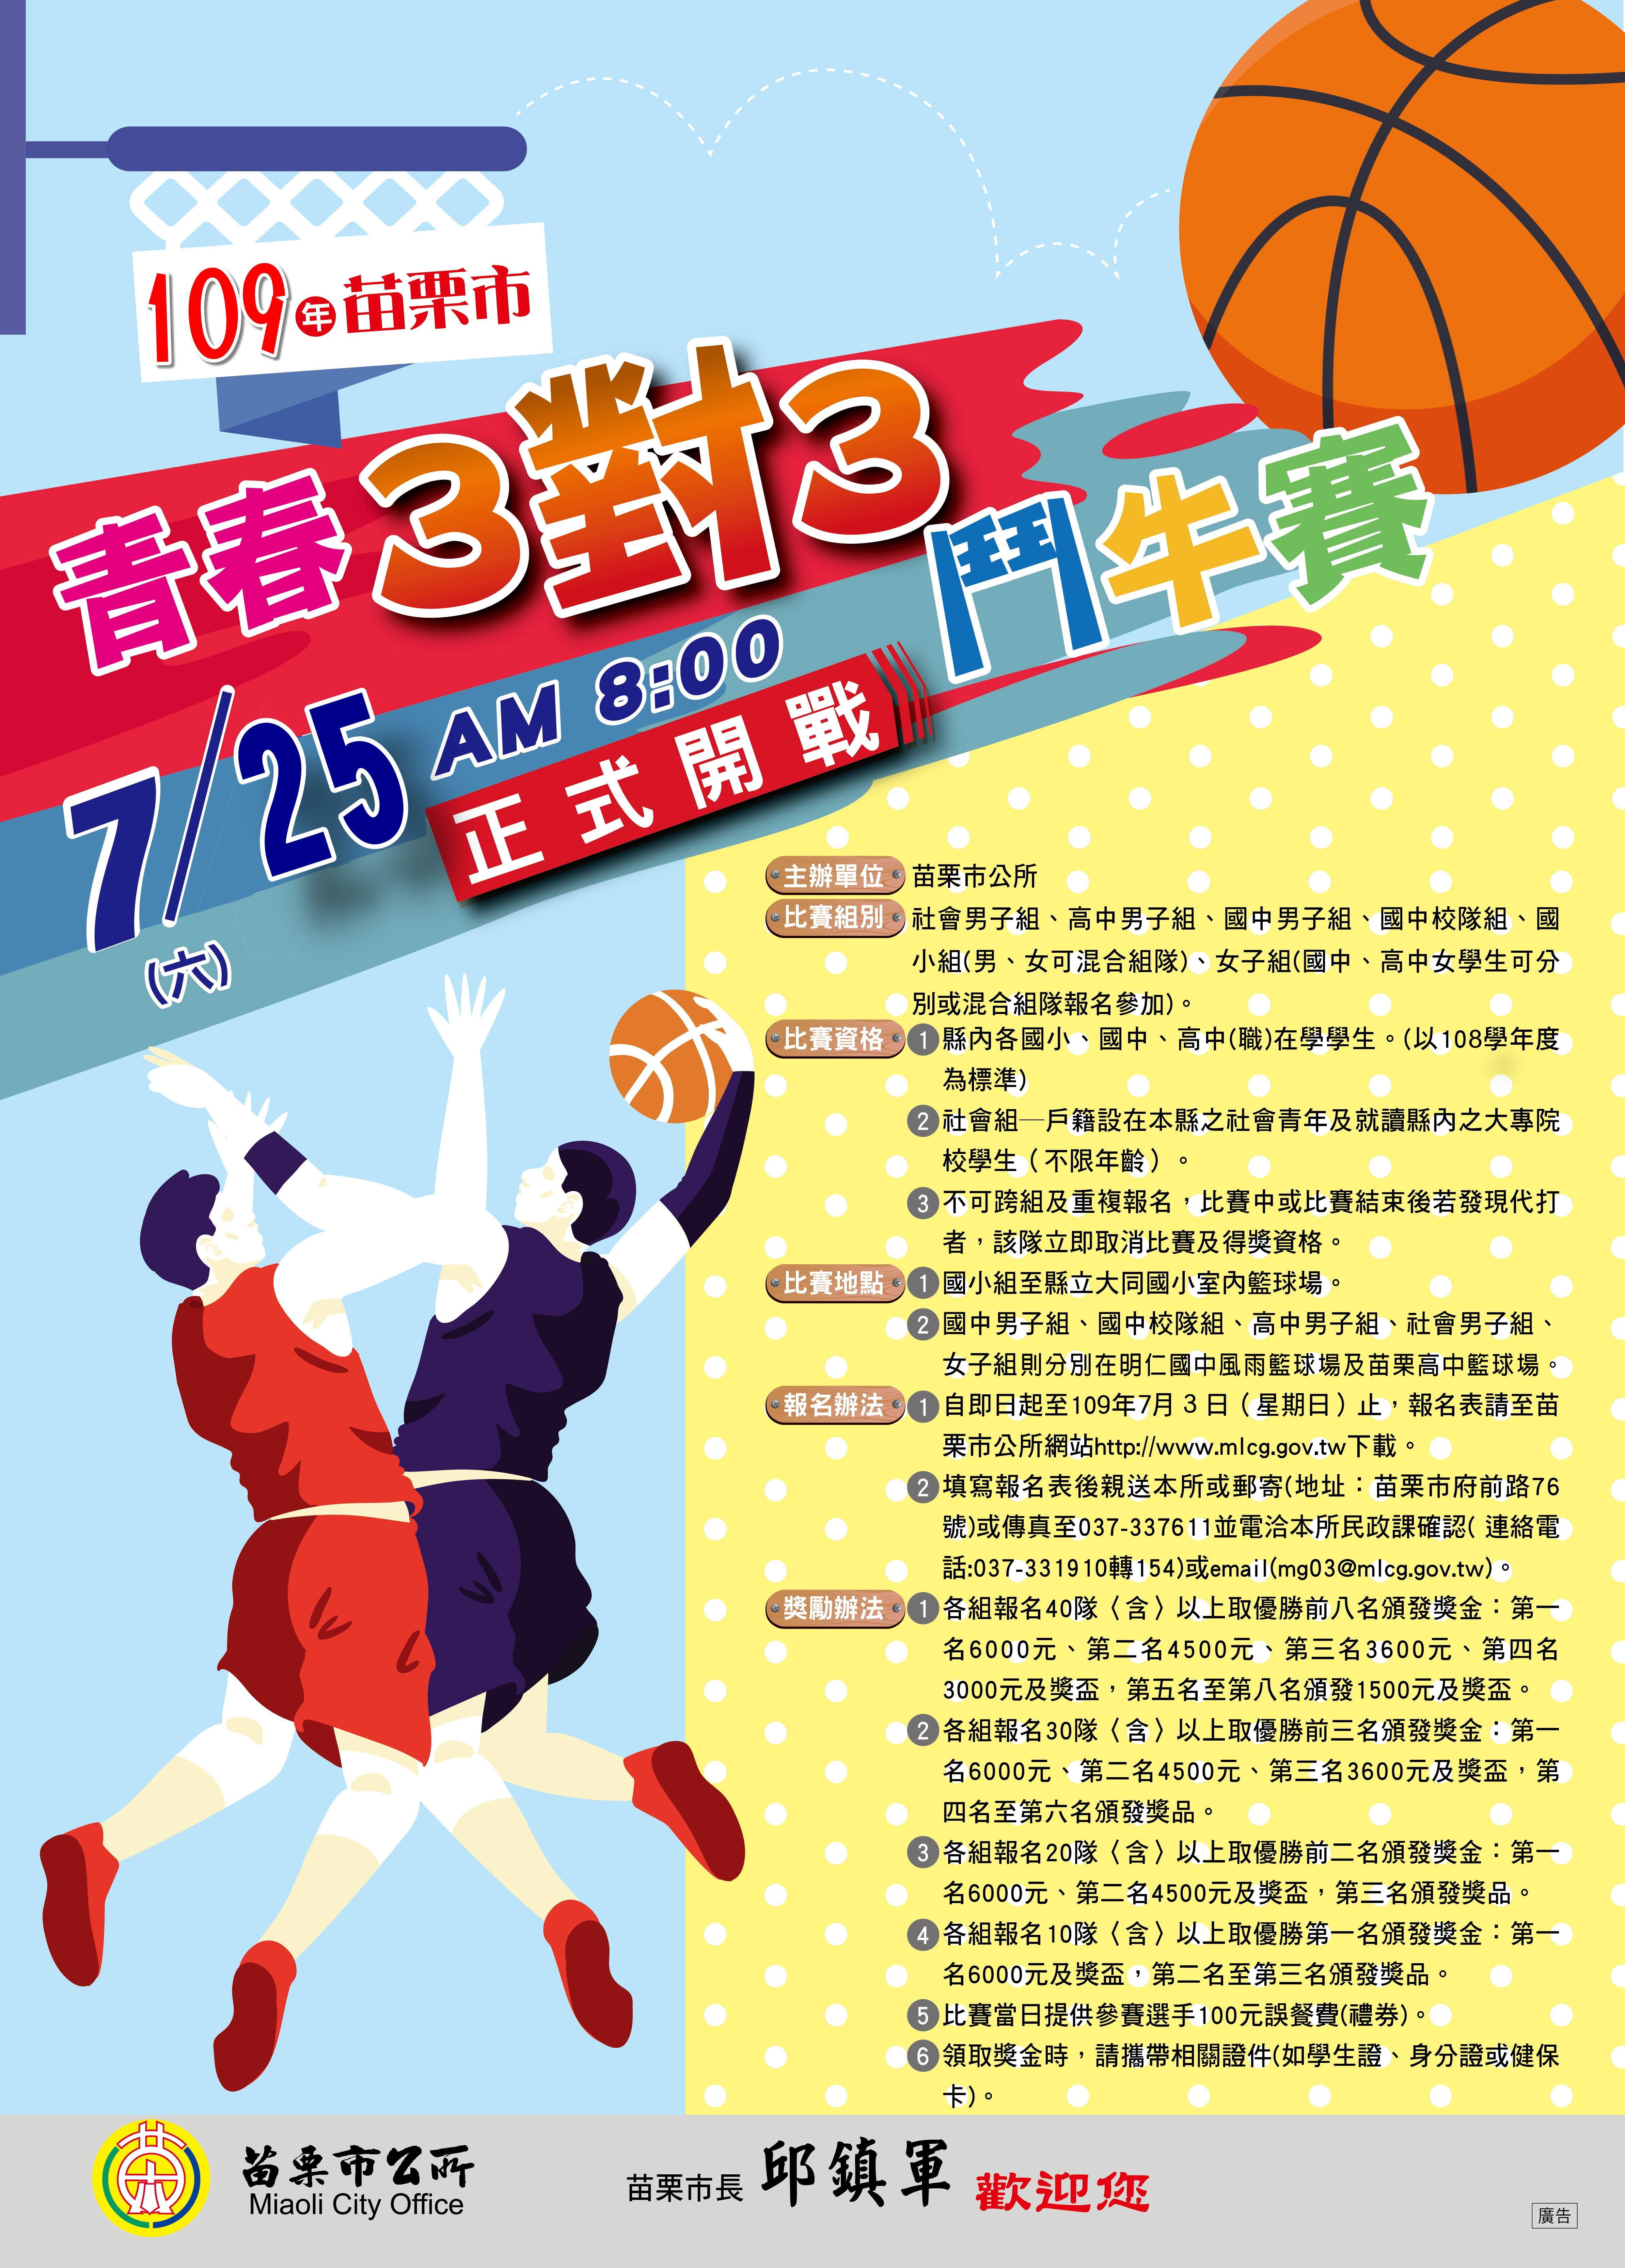 苗栗市109年「青春3對3籃球鬥牛賽」7月25日開戰,歡迎喜愛籃球運動的朋友報名參加